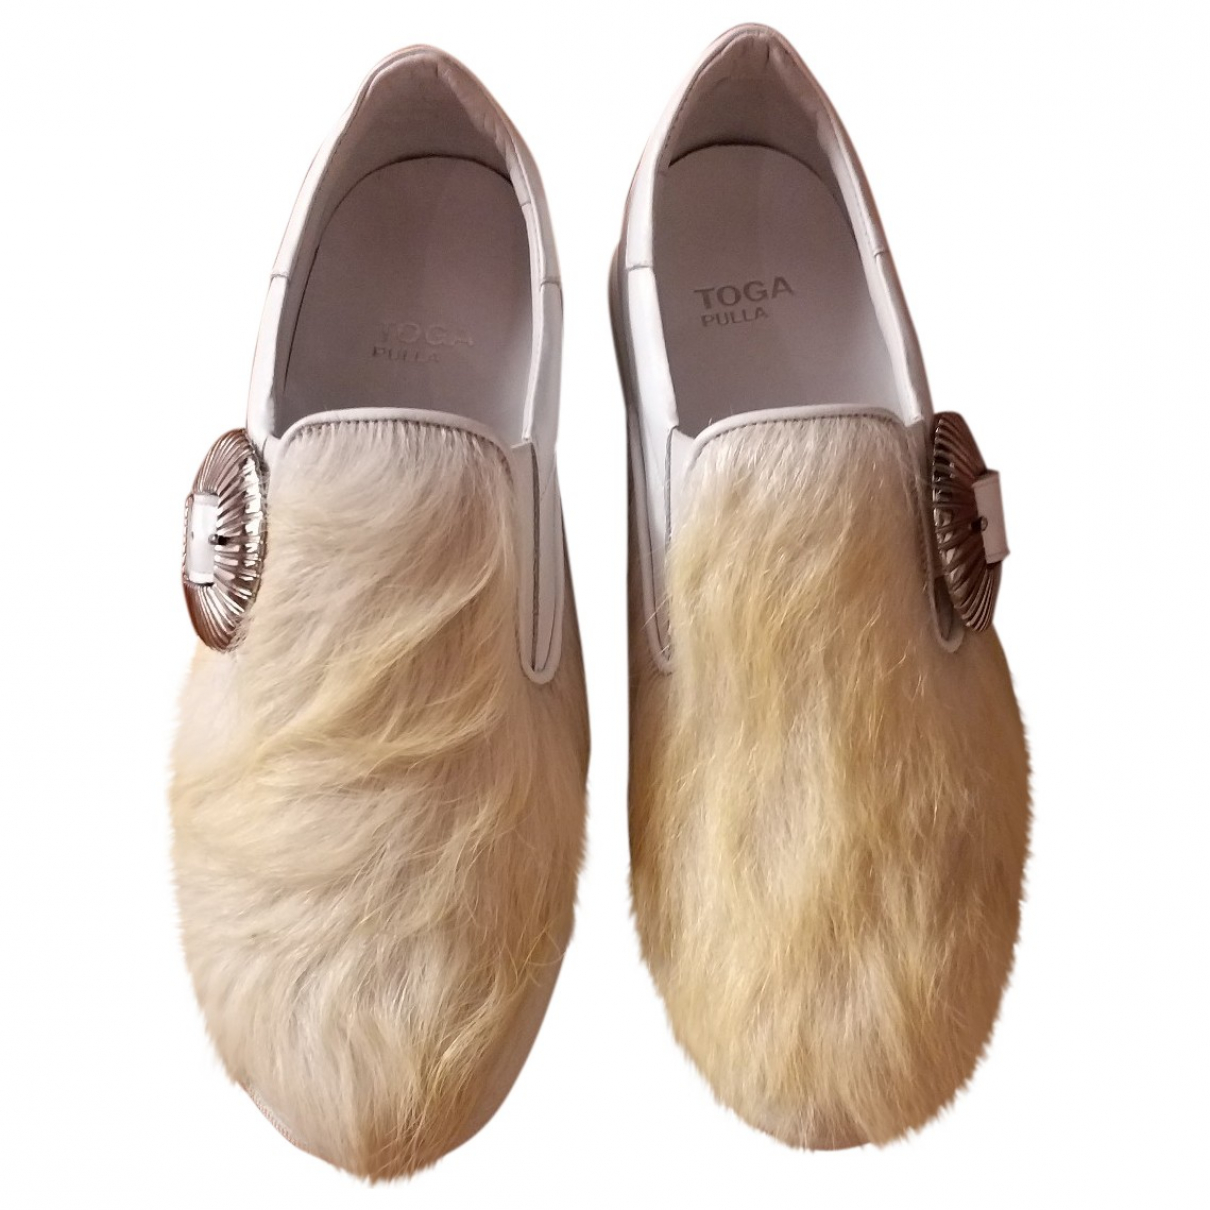 Toga Pulla - Baskets   pour femme en veau facon poulain - blanc